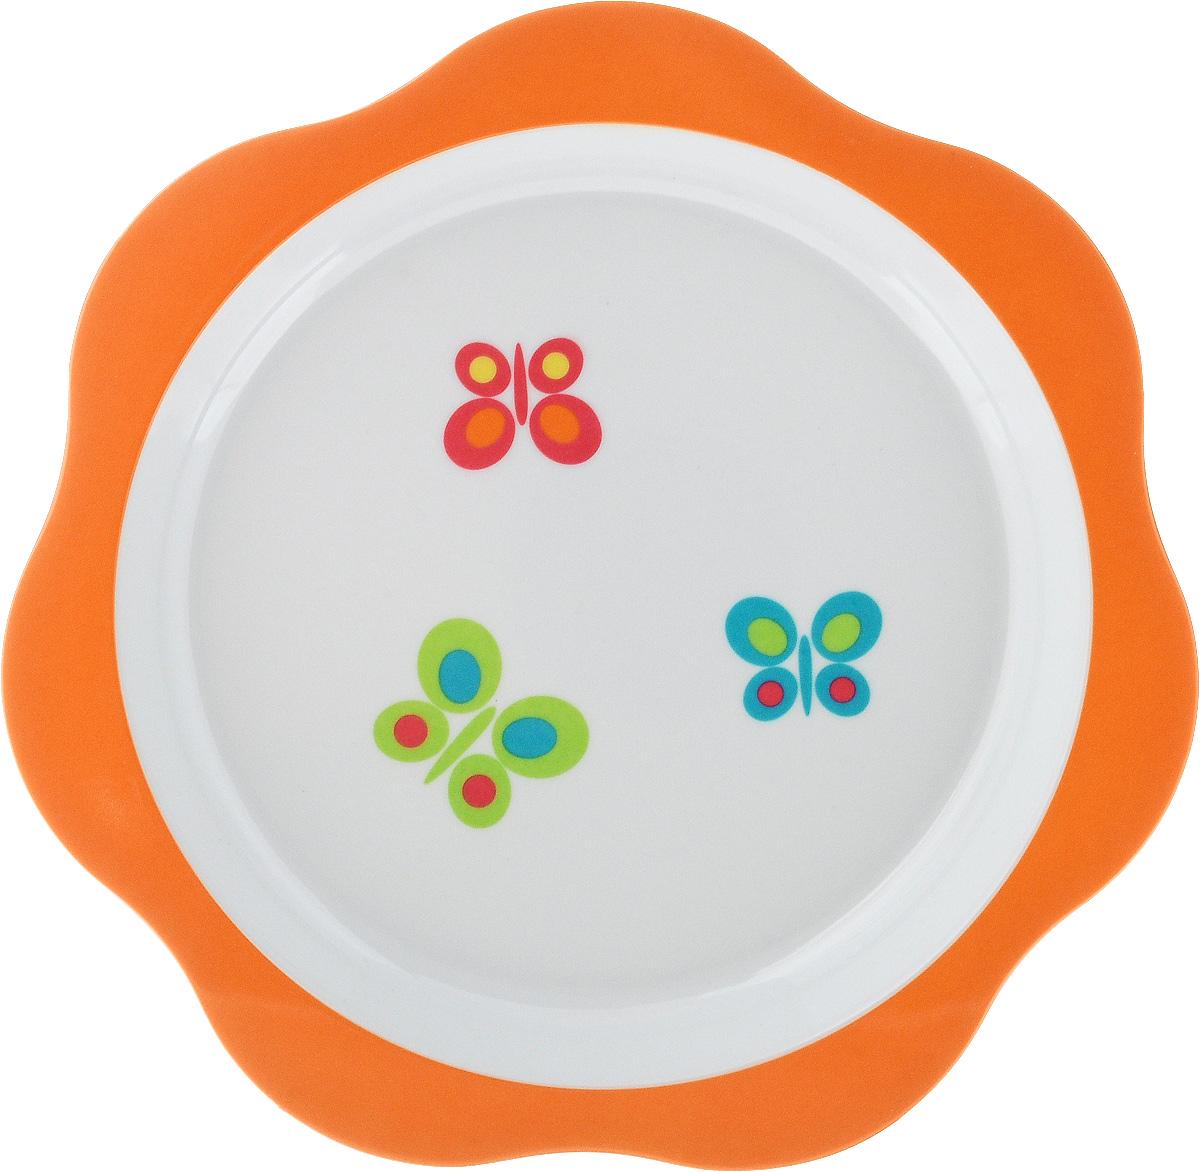 Тарелка детская Tescoma Bambini. Бабочки, цвет: оранжевый, белый, диаметр 22 см668012_оранжевыйДетская тарелка Tescoma Bambini. Бабочки изготовлена из безопасного пластика.Тарелочка, оформленная веселой картинкой забавных бабочек, понравится и малышу, и родителям! Ребенок будет с удовольствием учиться кушать самостоятельно.Тарелочка подходит для горячей и холодной пищи. Можно использовать в посудомоечной машине. Нельзя использовать в микроволновой печи.Внешний диаметр тарелки: 22 см. Внутренний диаметр тарелки: 17,7 см.